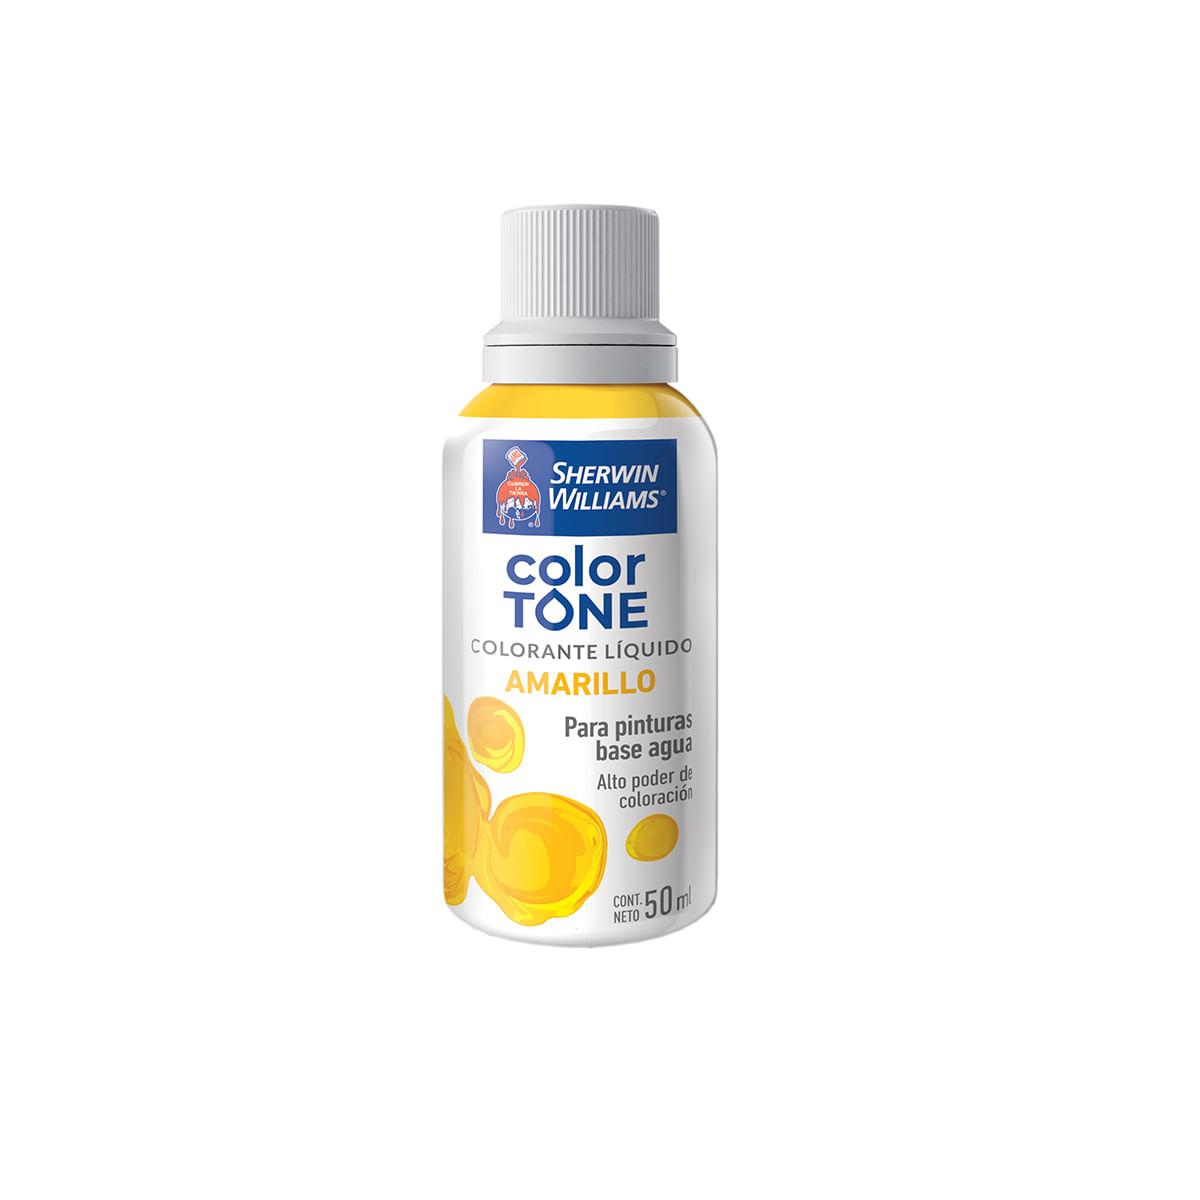 colortone-entonador-pintura